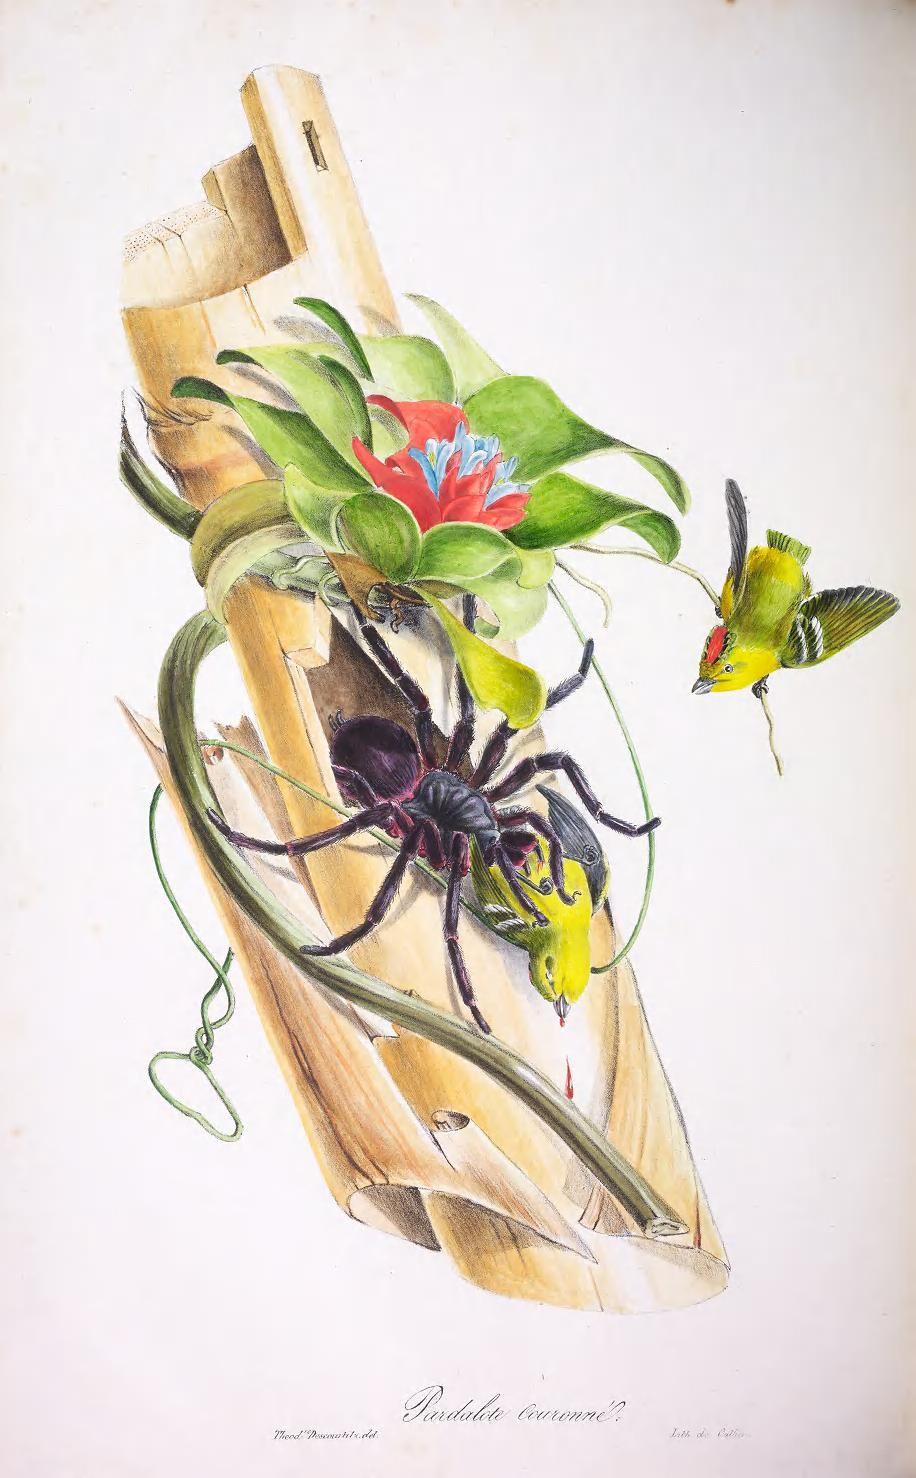 Oiseaux brillans du Brésil. - Biodiversity Heritage Library